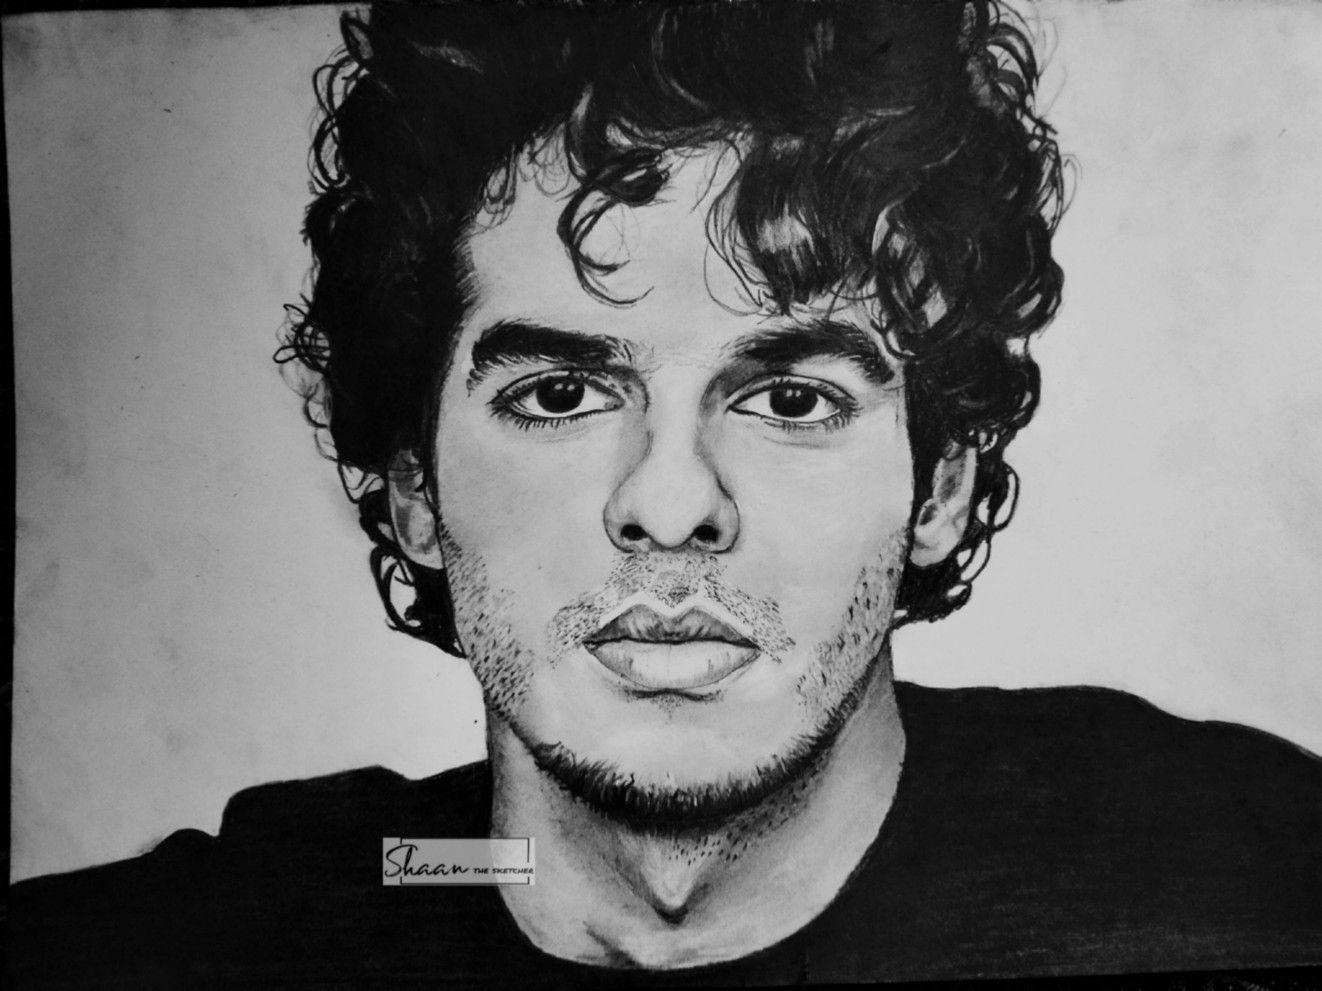 Ishaan khatter portrait in 2020 Portrait, Male sketch, Art